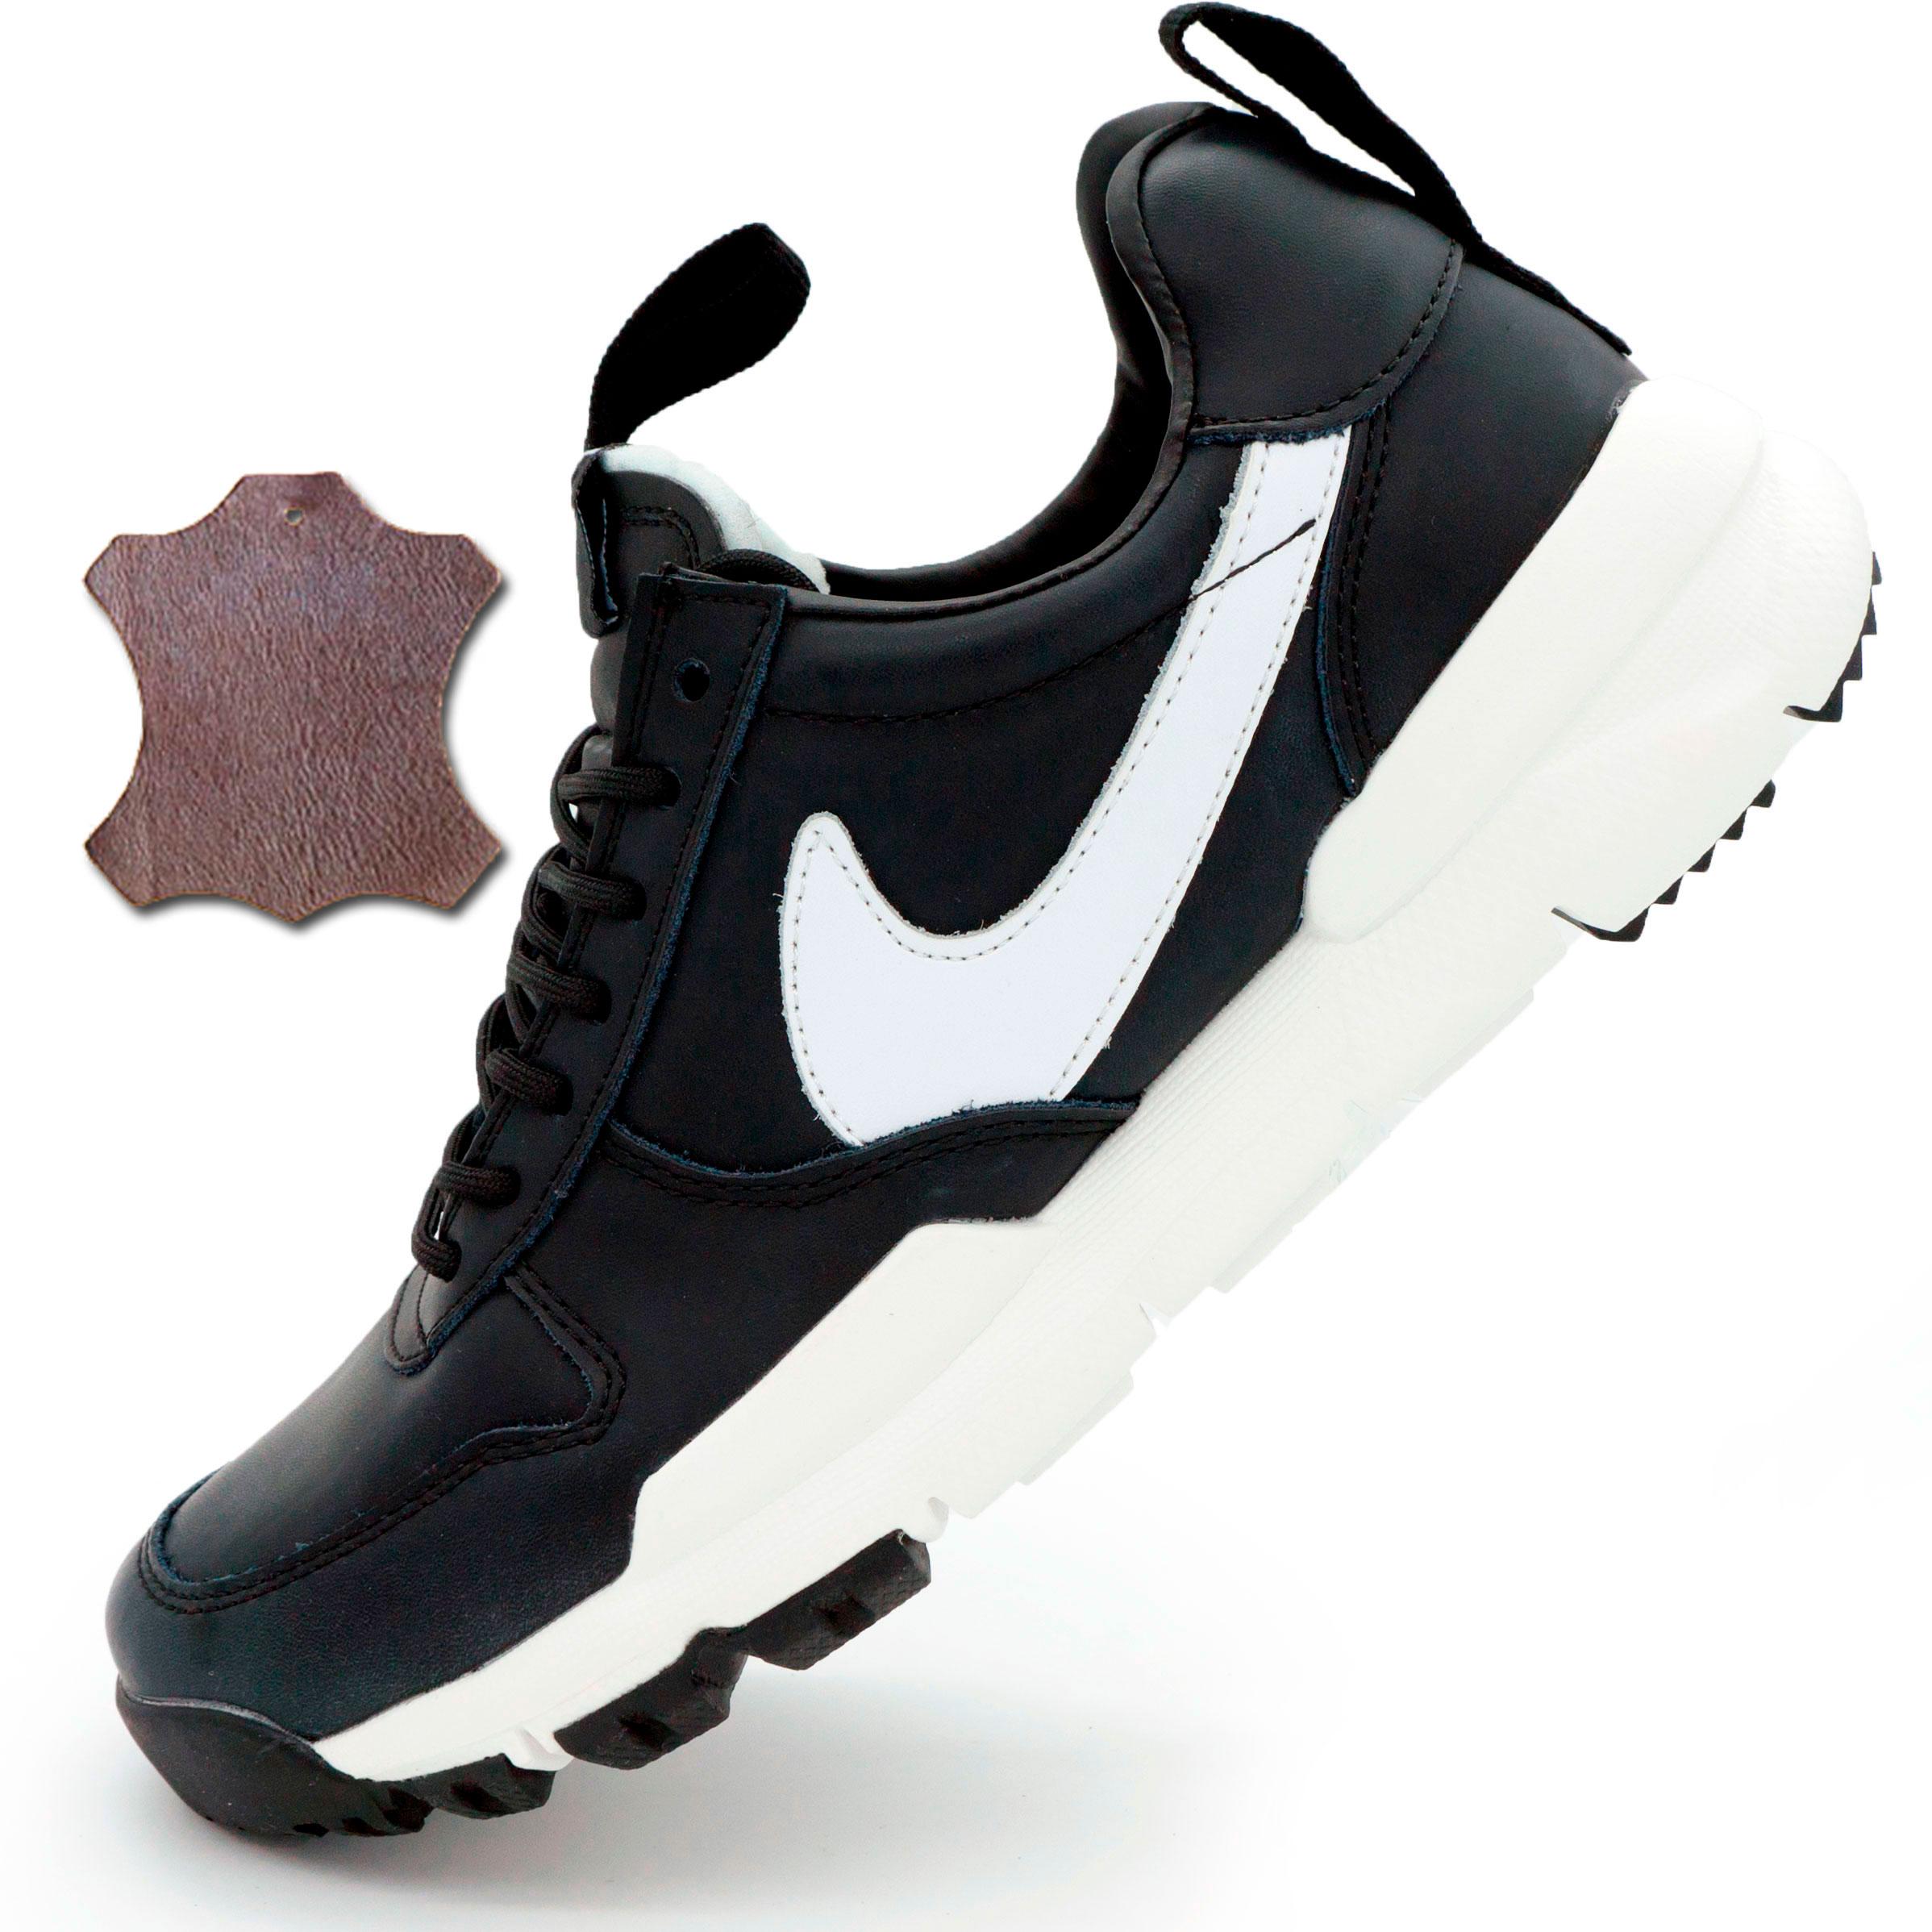 85b6d3bc Топ качество! фото main Мужские кожаные черные кроссовки Nike Mars Yard 2.0.